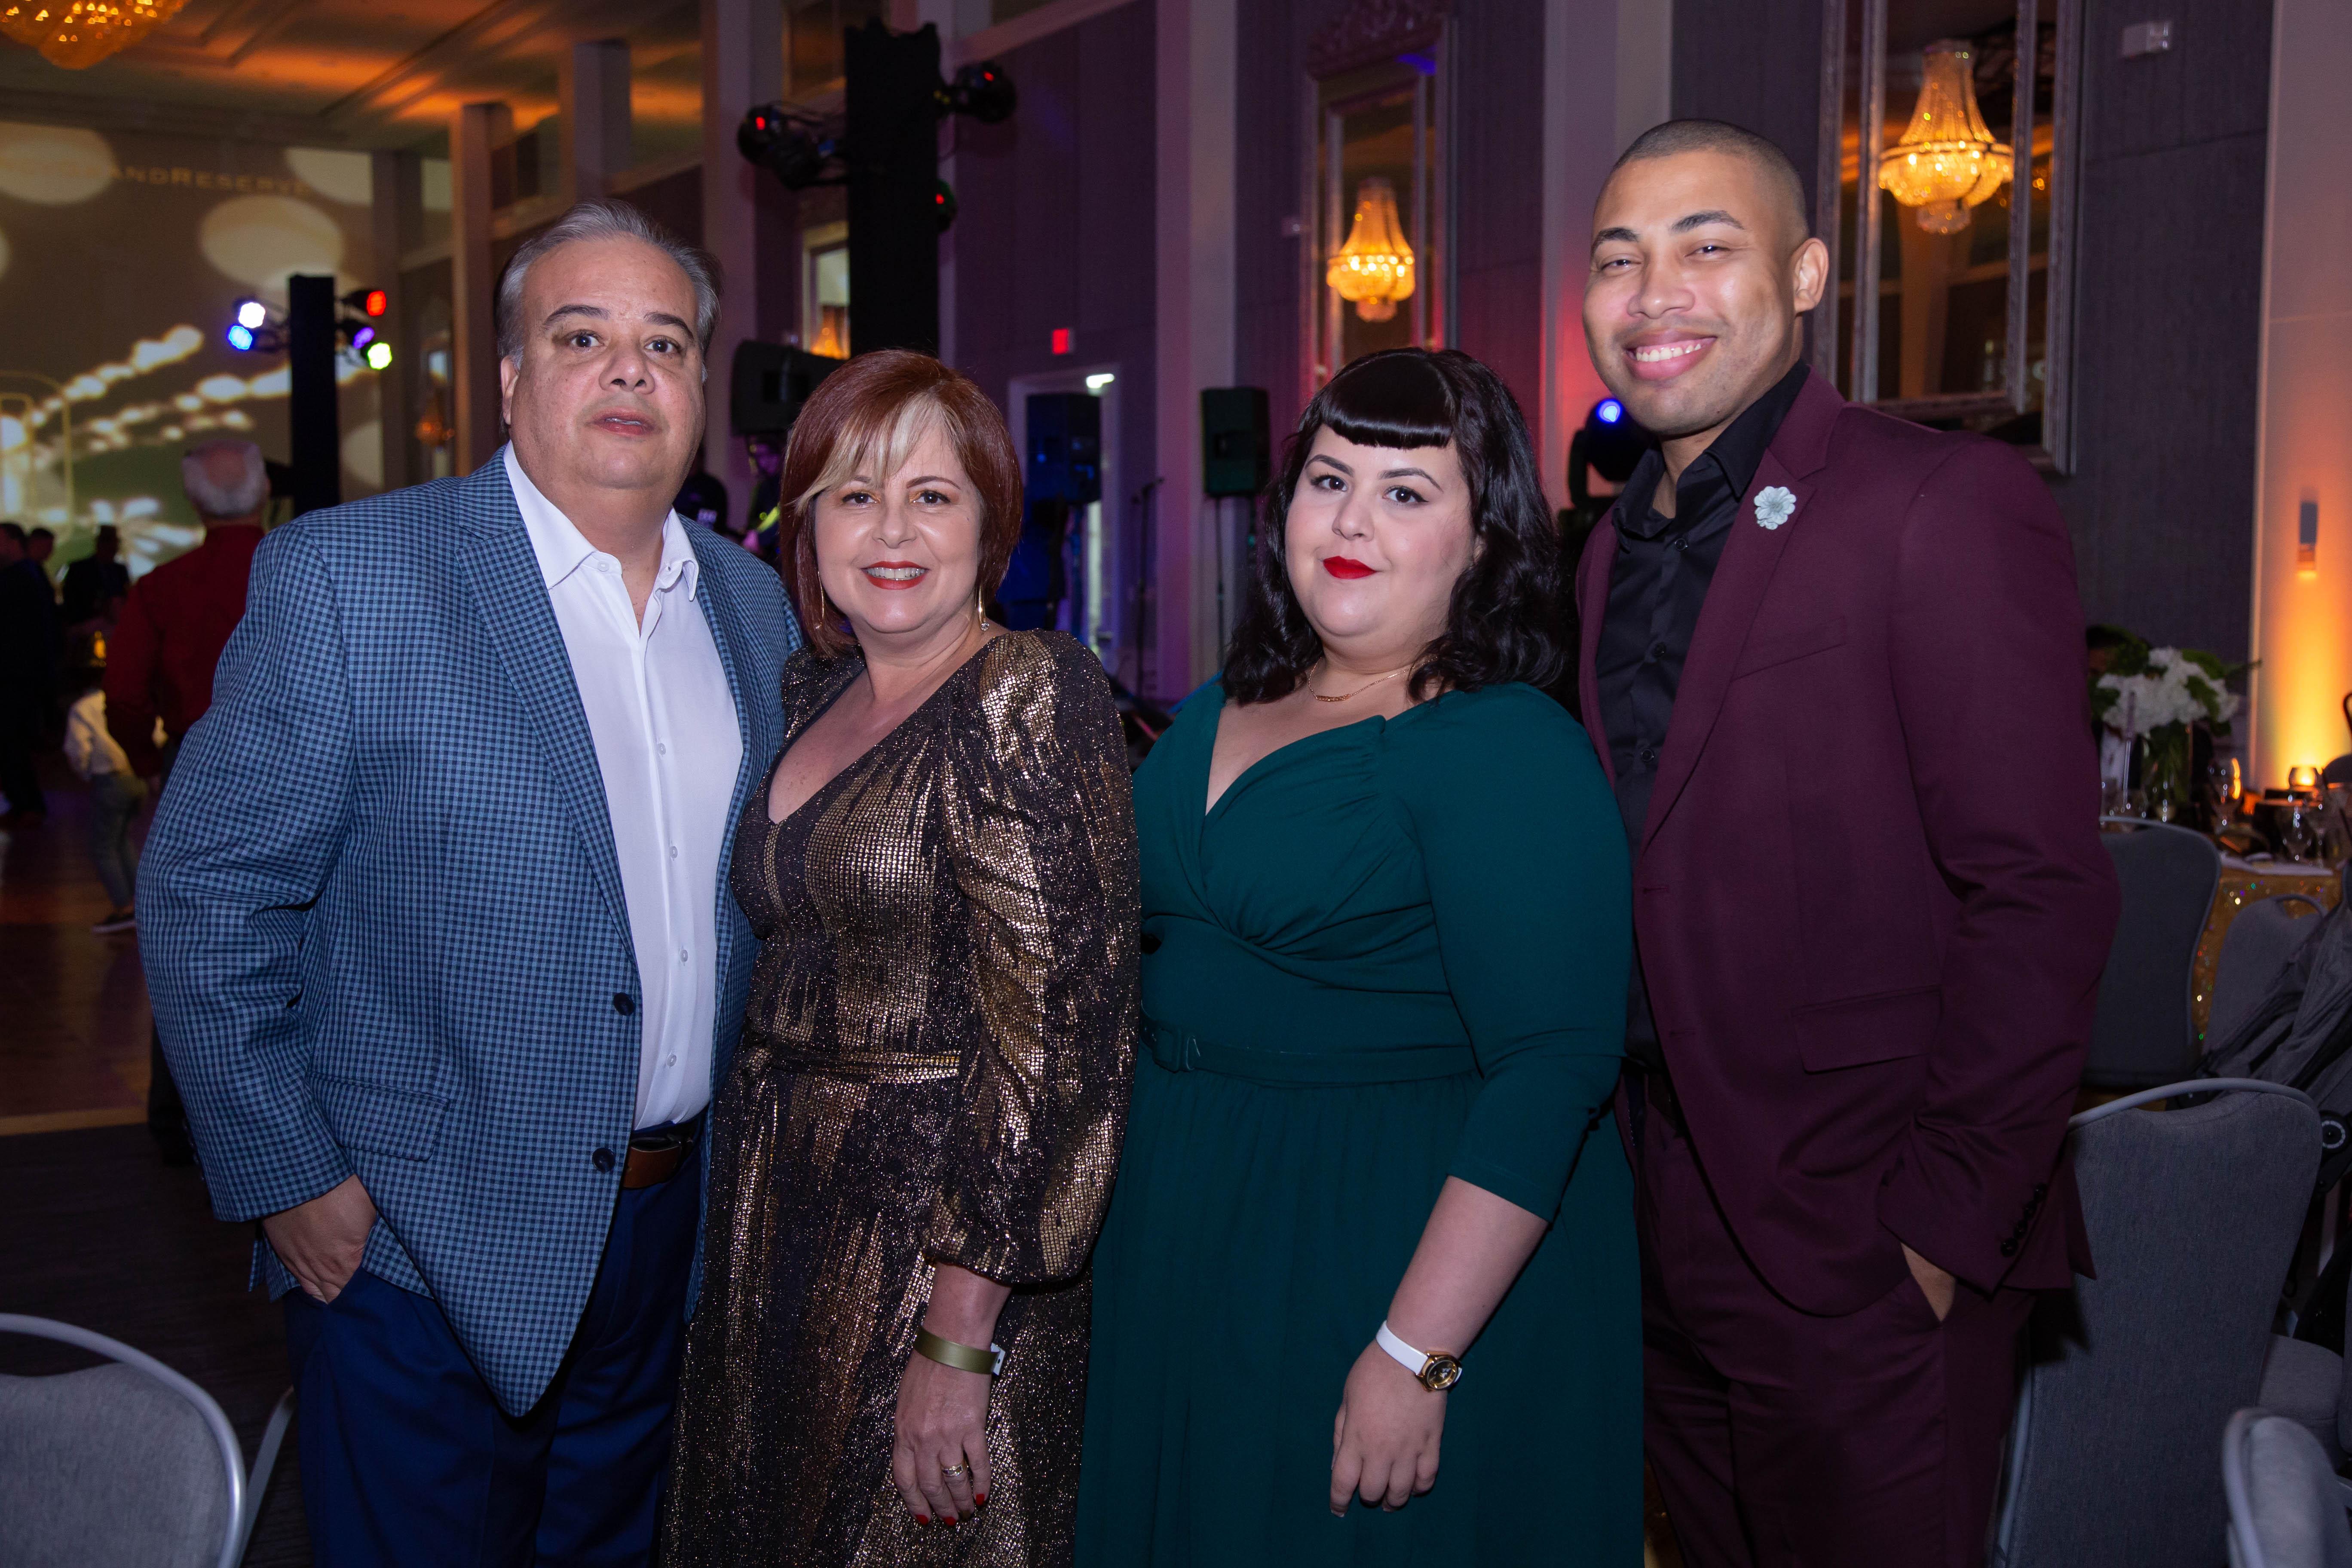 Yamel Figueroa, Estevan Mercado, Víctor Figueroa y Mirna Sotomayor. (Suministrada)